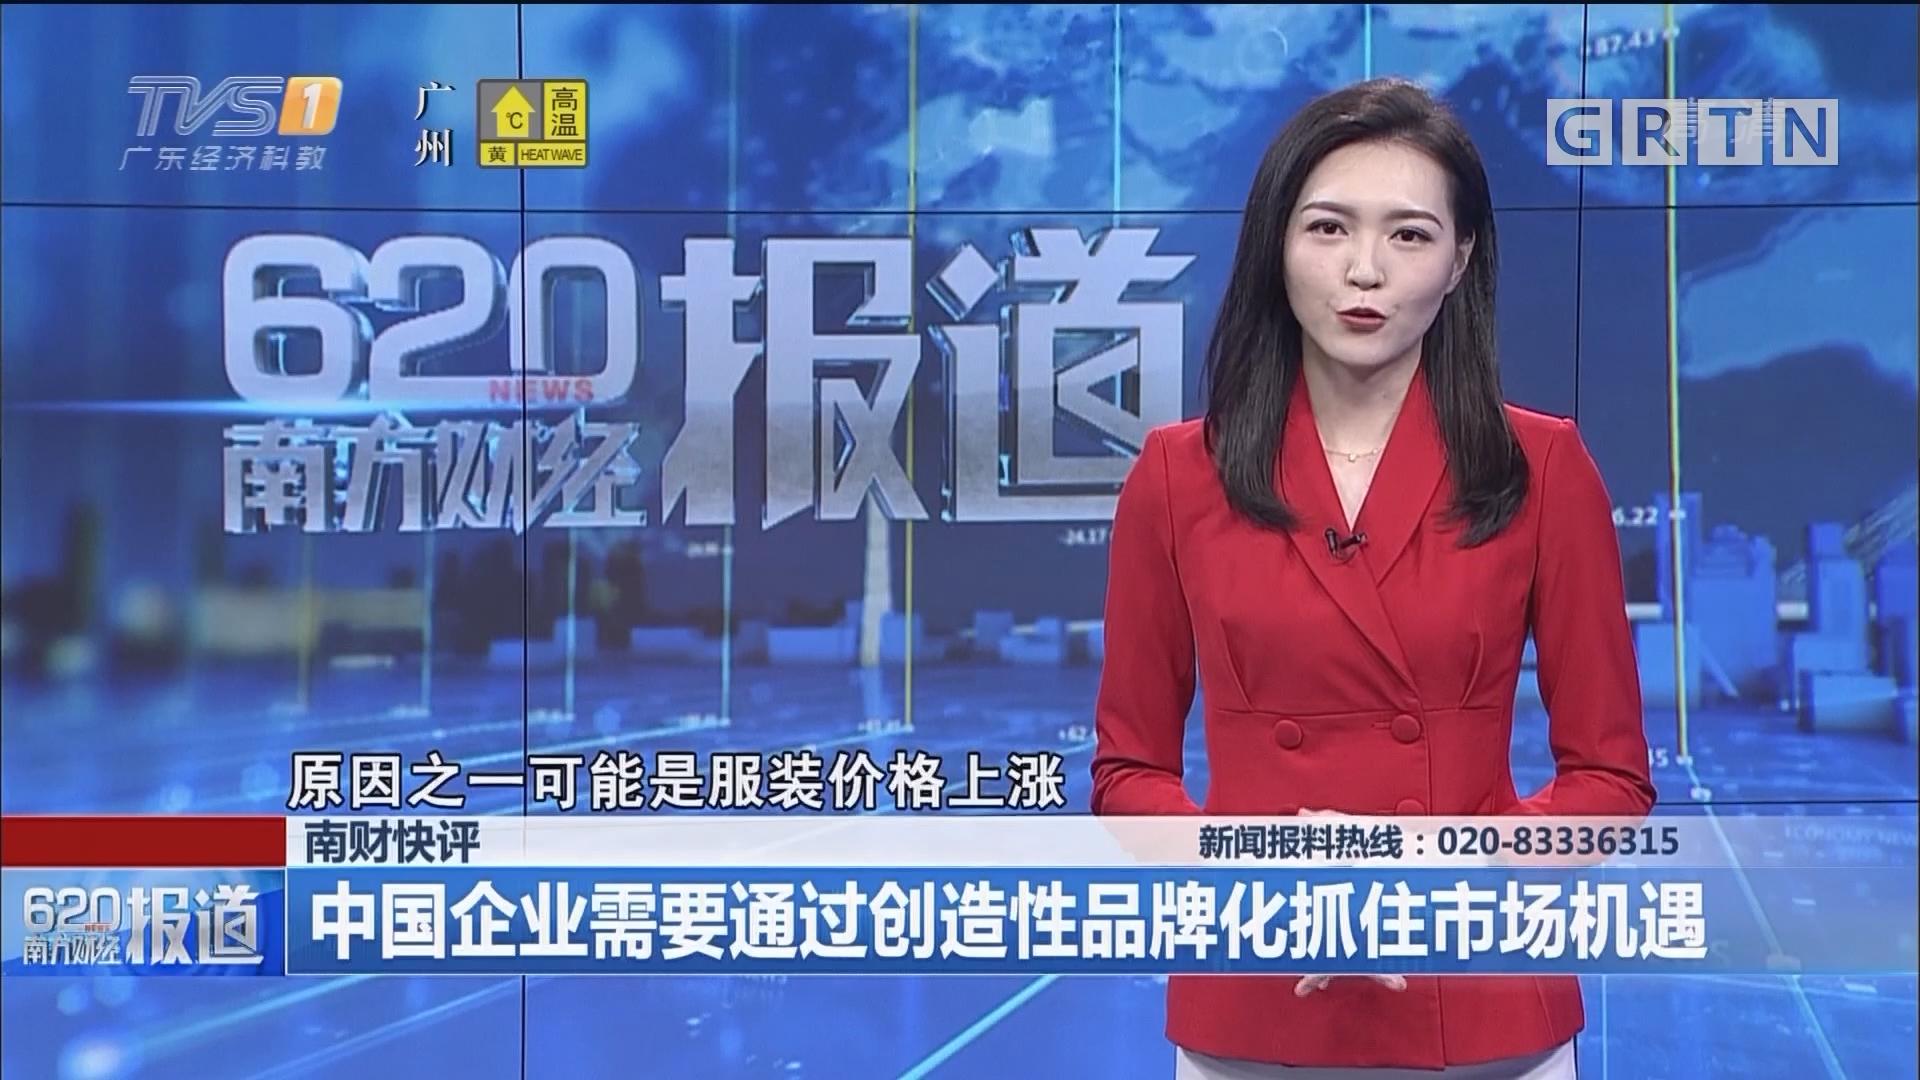 南财快评:中国企业需要通过创造性品牌化抓住市场机遇